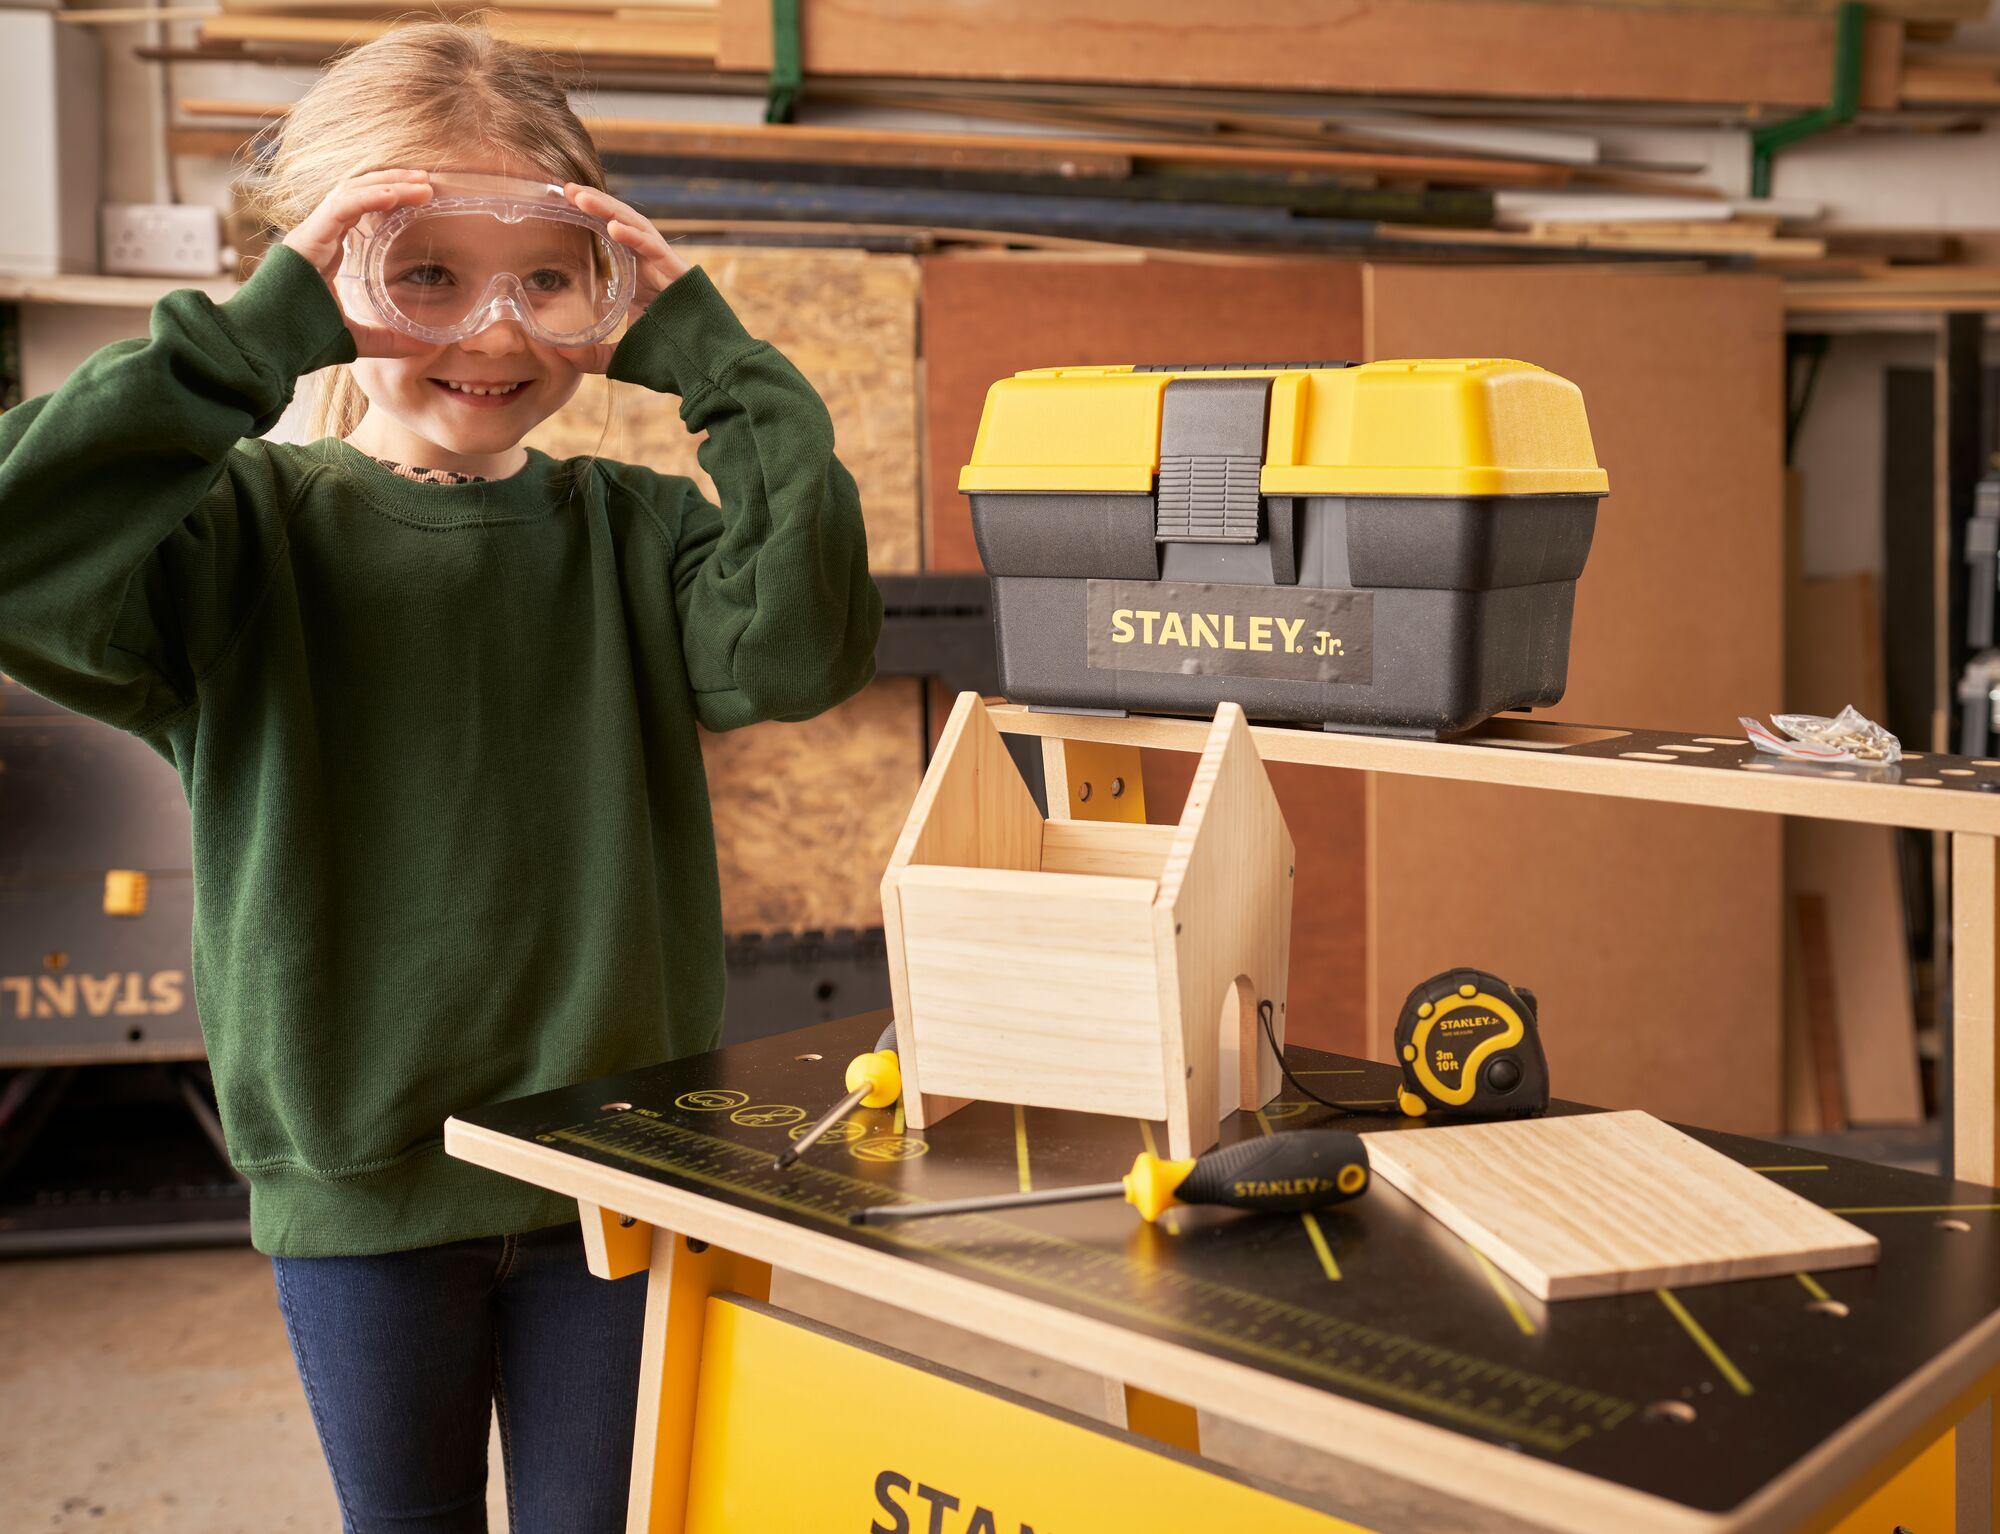 Stanley® Jr. Wooden Diy Bird Feeder Kit Lifestyle Shot